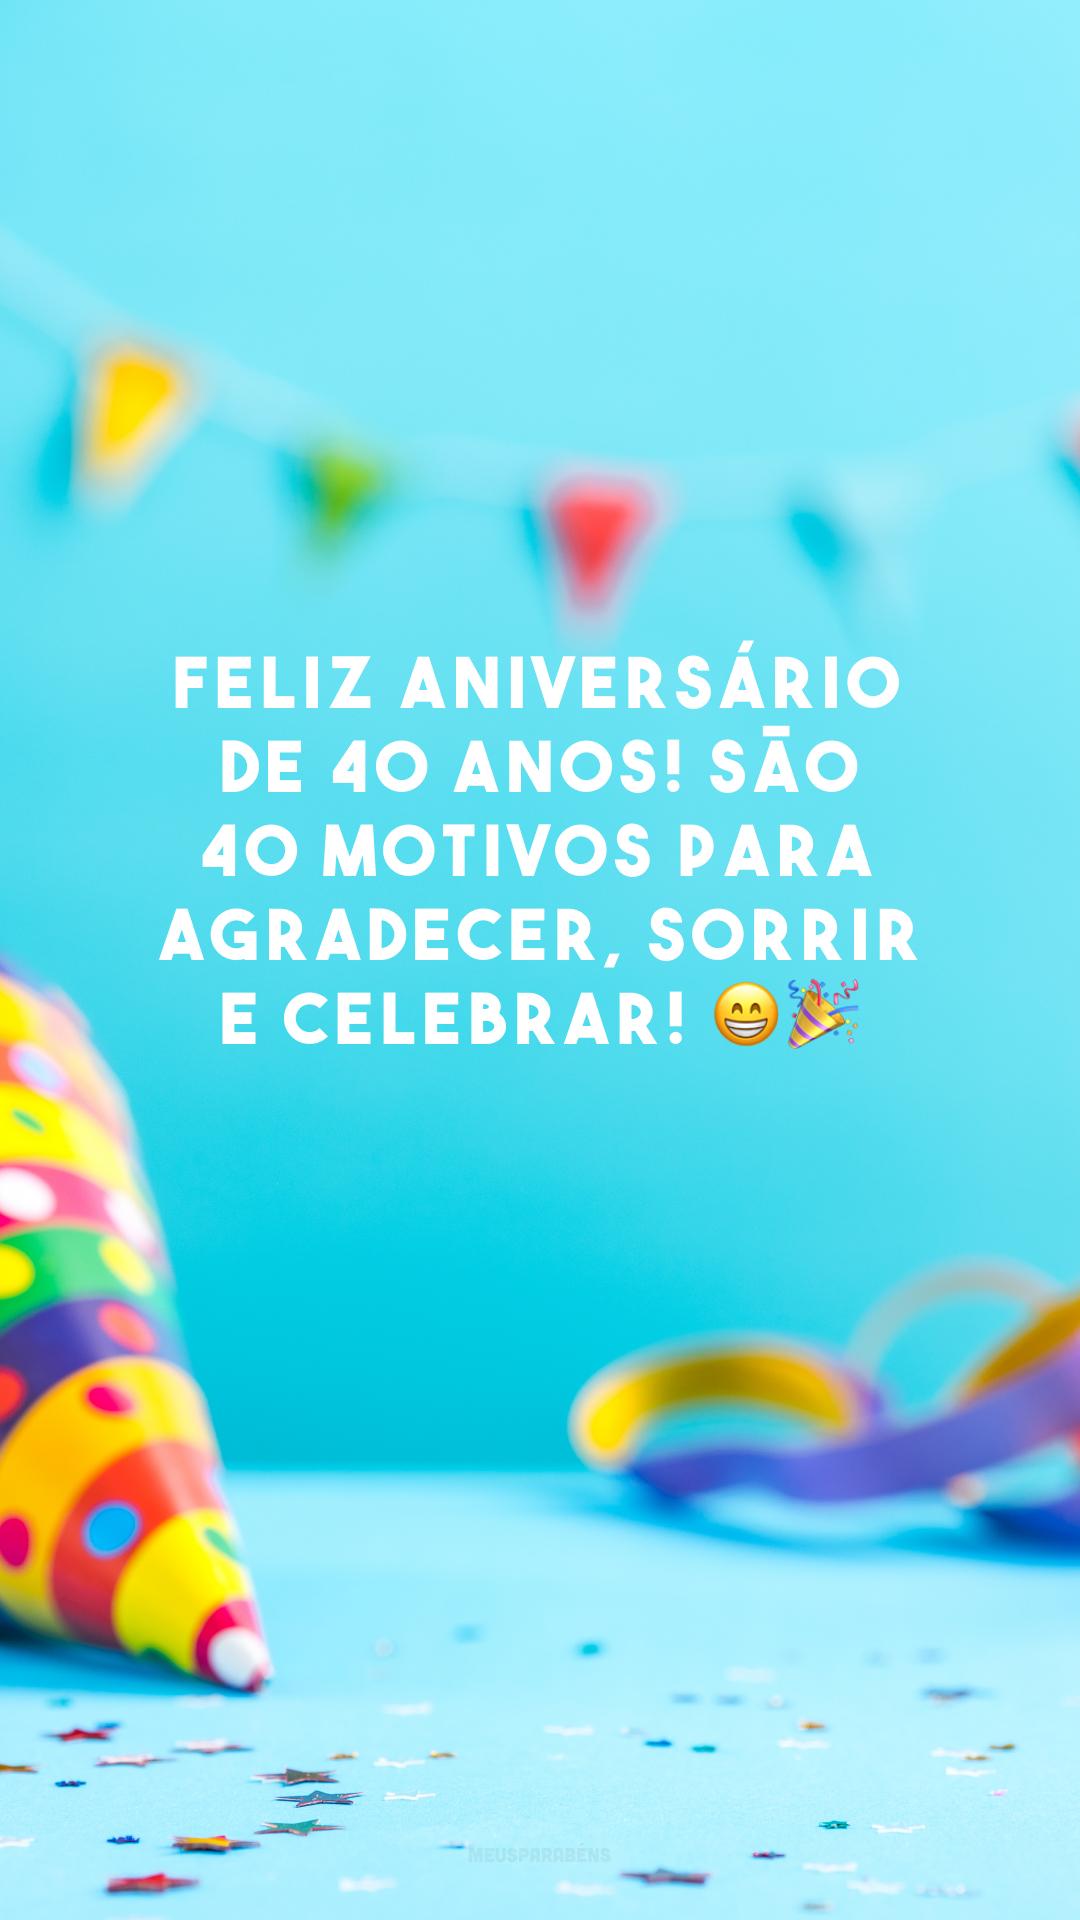 Feliz aniversário de 40 anos! São 40 motivos para agradecer, sorrir e celebrar! 😁🎉